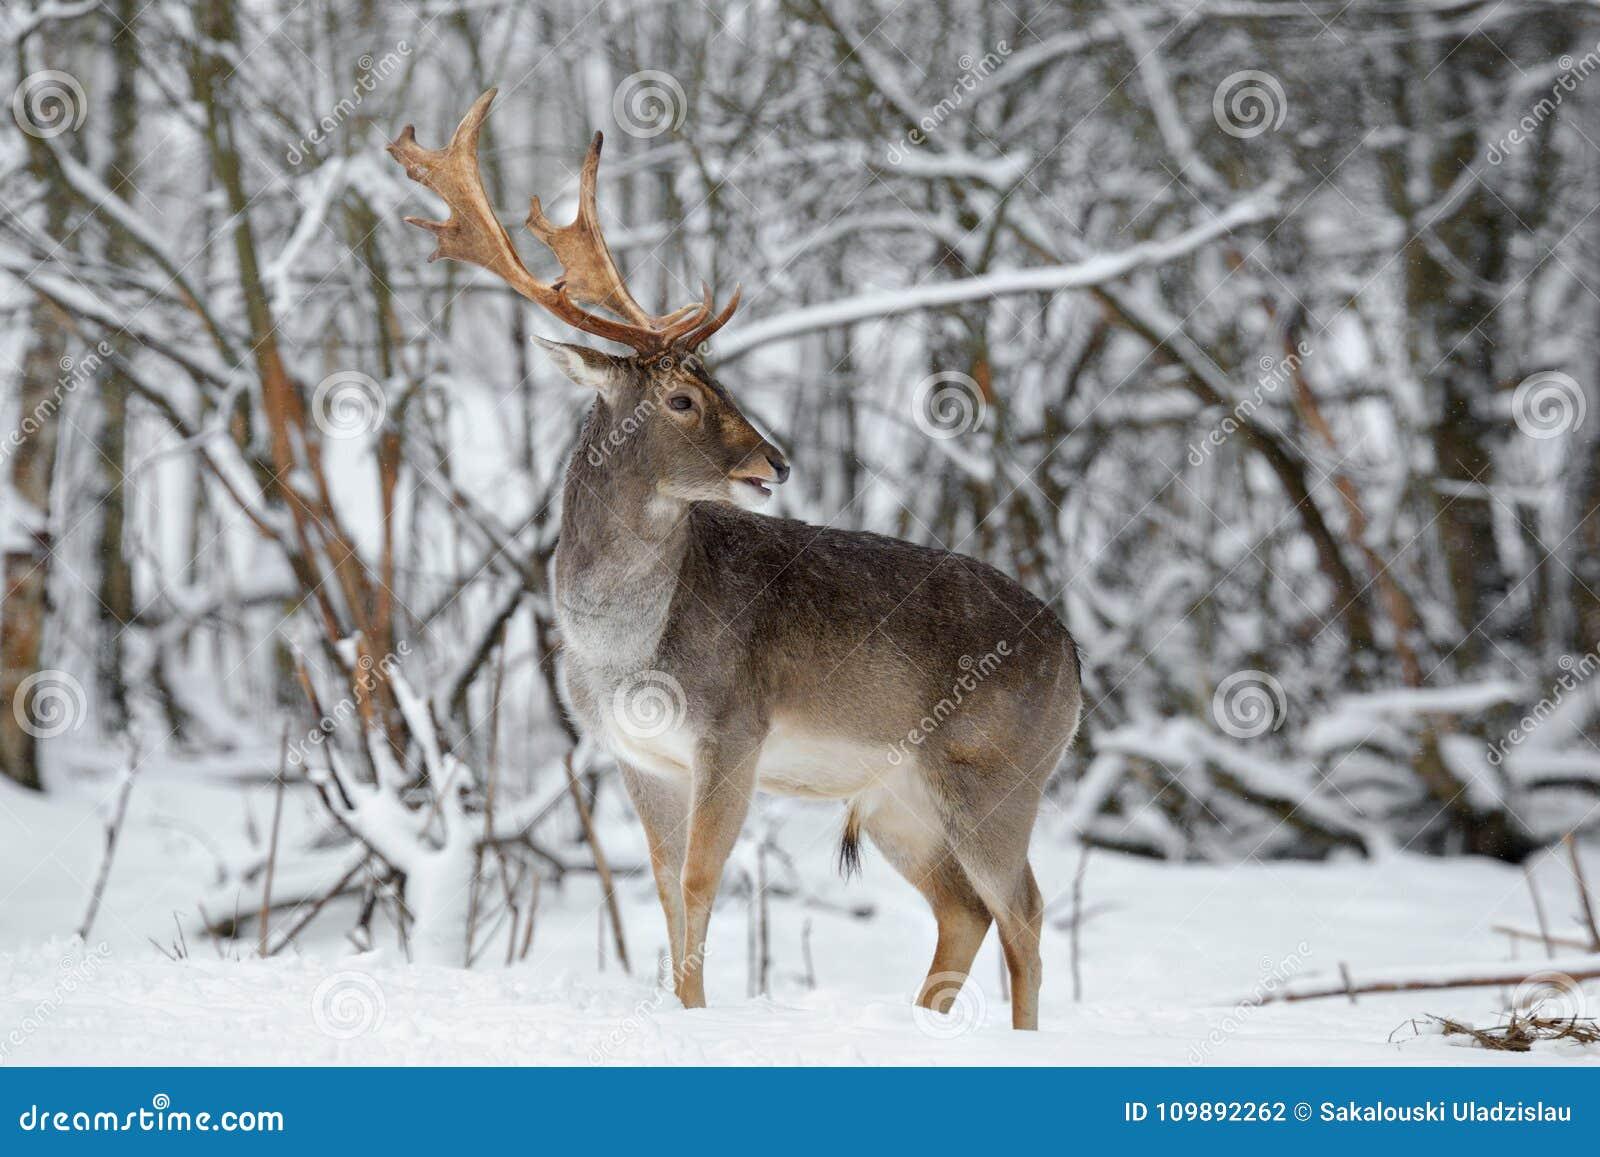 Erwachsene Damhirsche Buck Close Up Majestätische starke Damhirsche, Dama Dama, in Winter ForestWildlife-Szene mit Rotwild-Hirsch